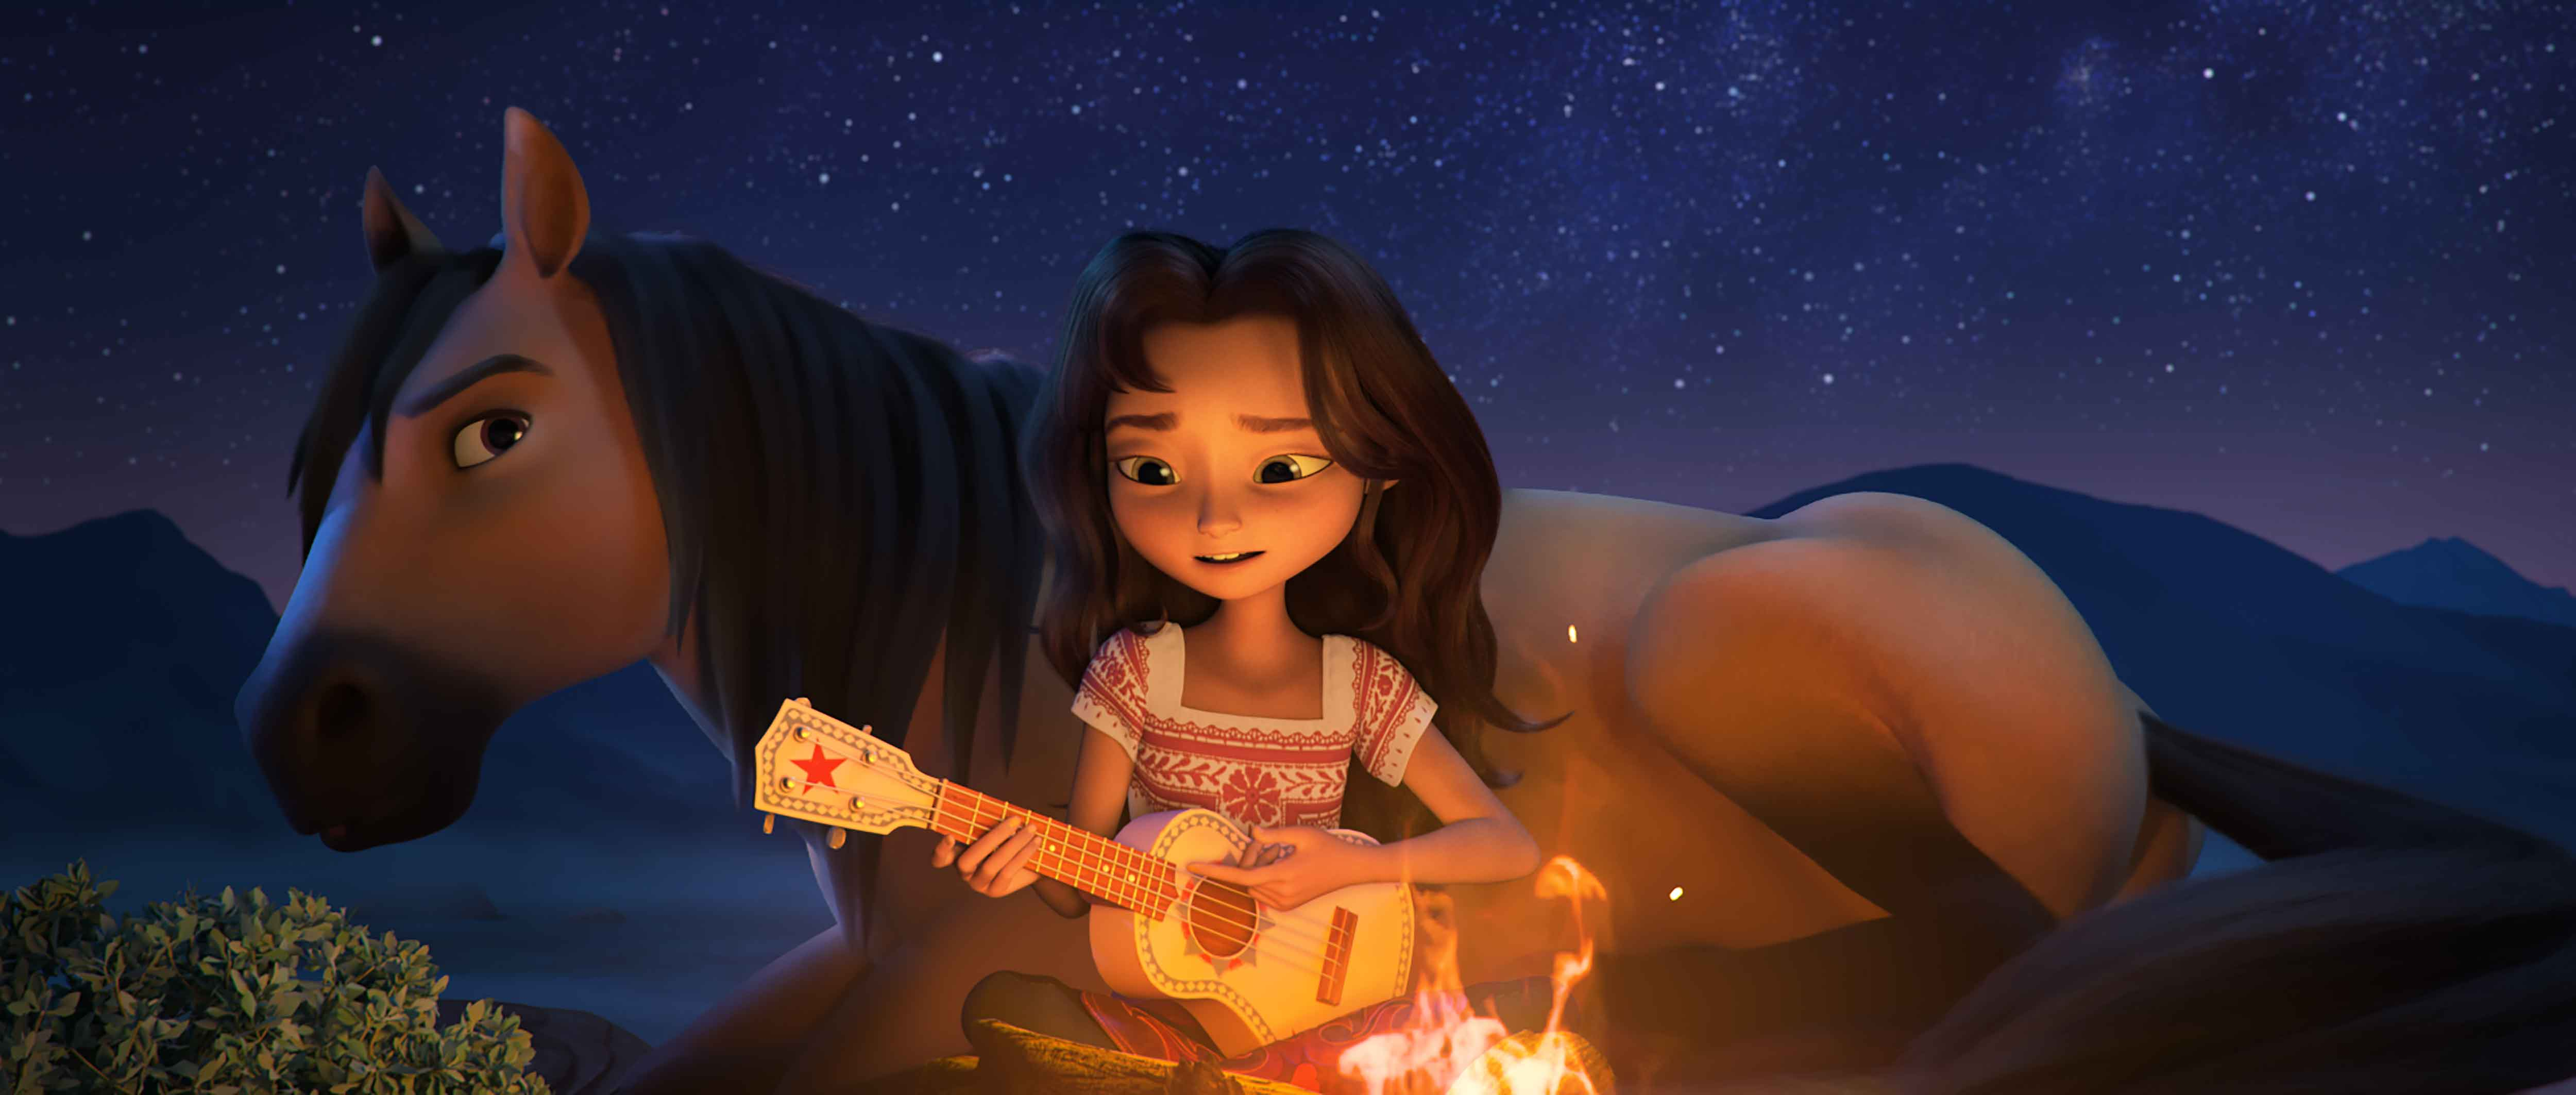 Spirit - Il ribelle recensione film d'animazione